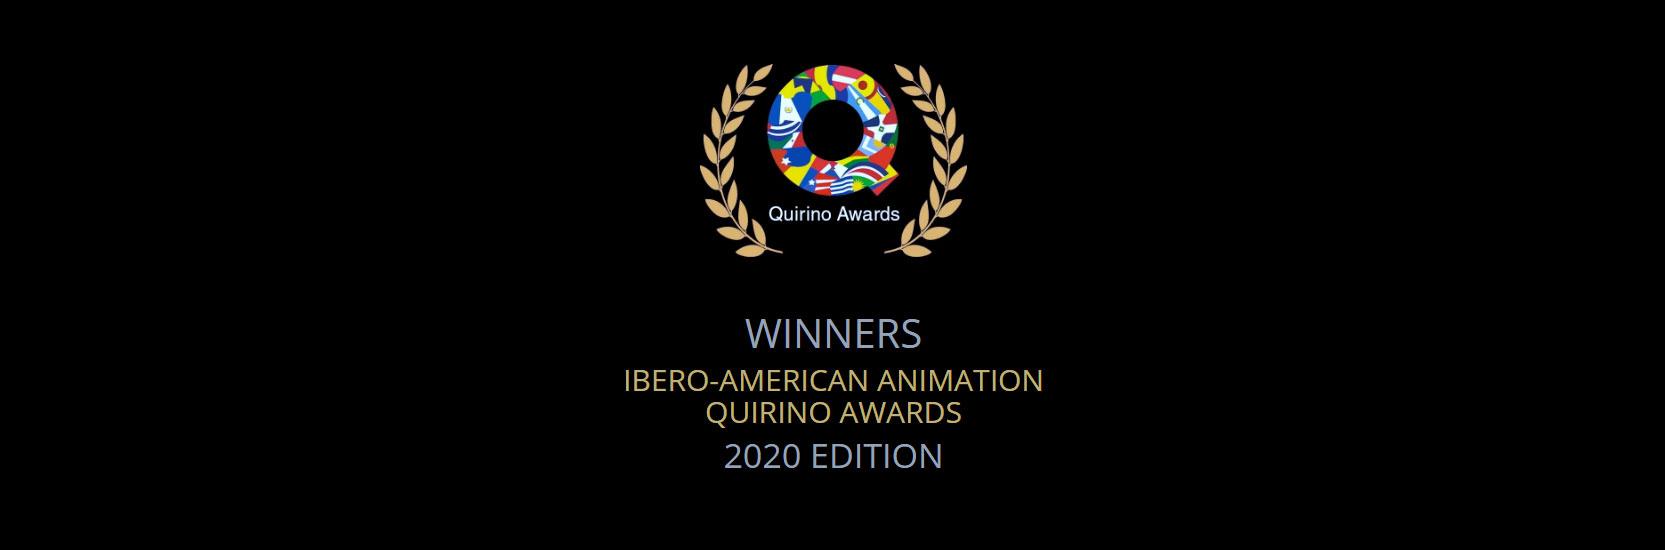 Les Quirino Awards 2020 dévoilent leurs lauréats